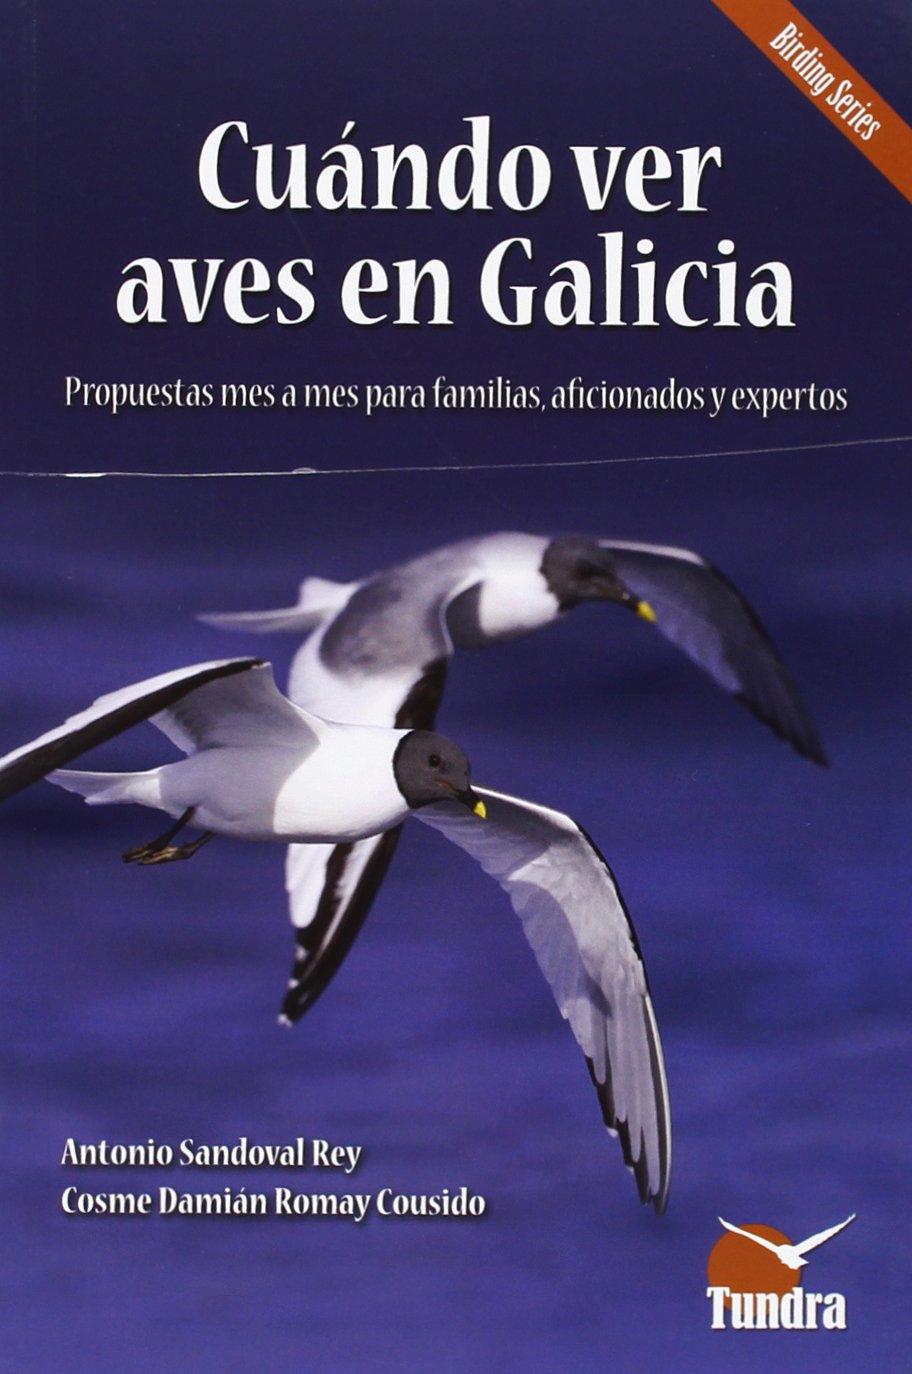 Cuándo Ver Aves En Galicia (Cuadernos De Naturaleza): Amazon.es: Vv.Aa.: Libros